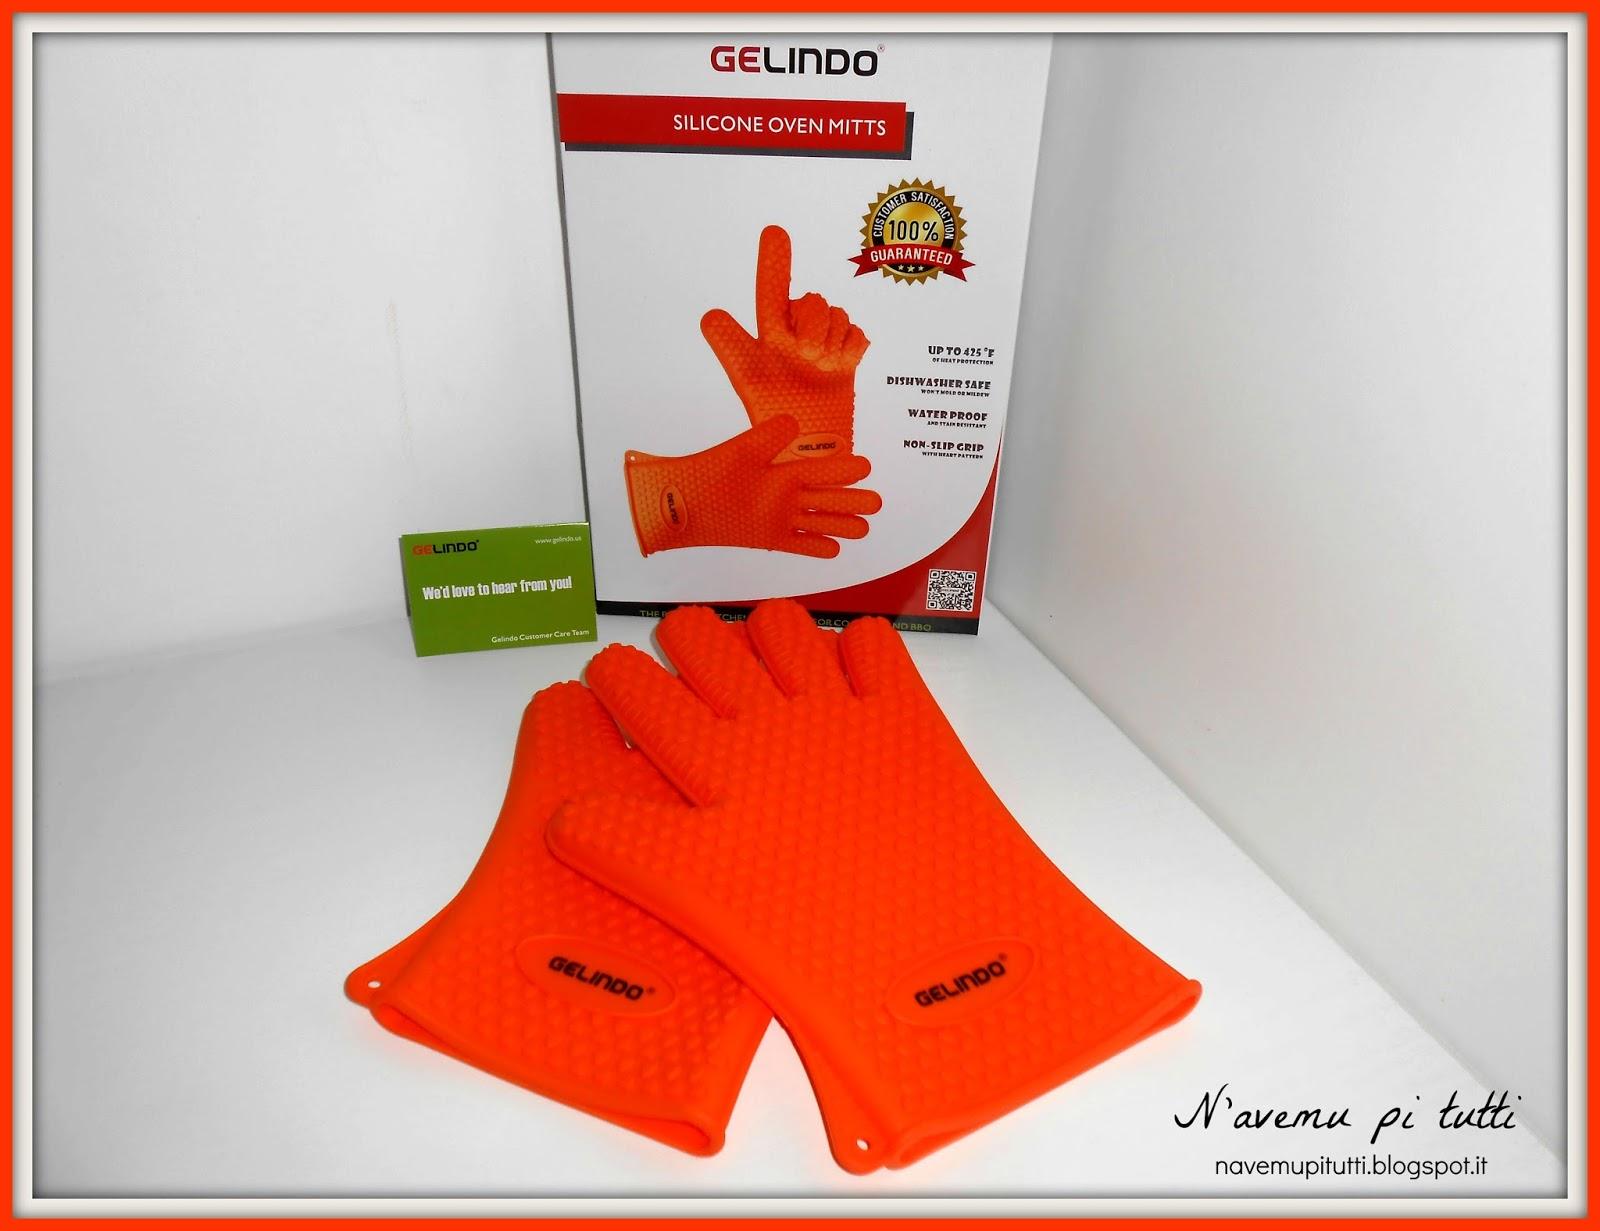 N 39 avemu pi tutti guanti da cucina in silicone gelindo - Guanti da cucina ...